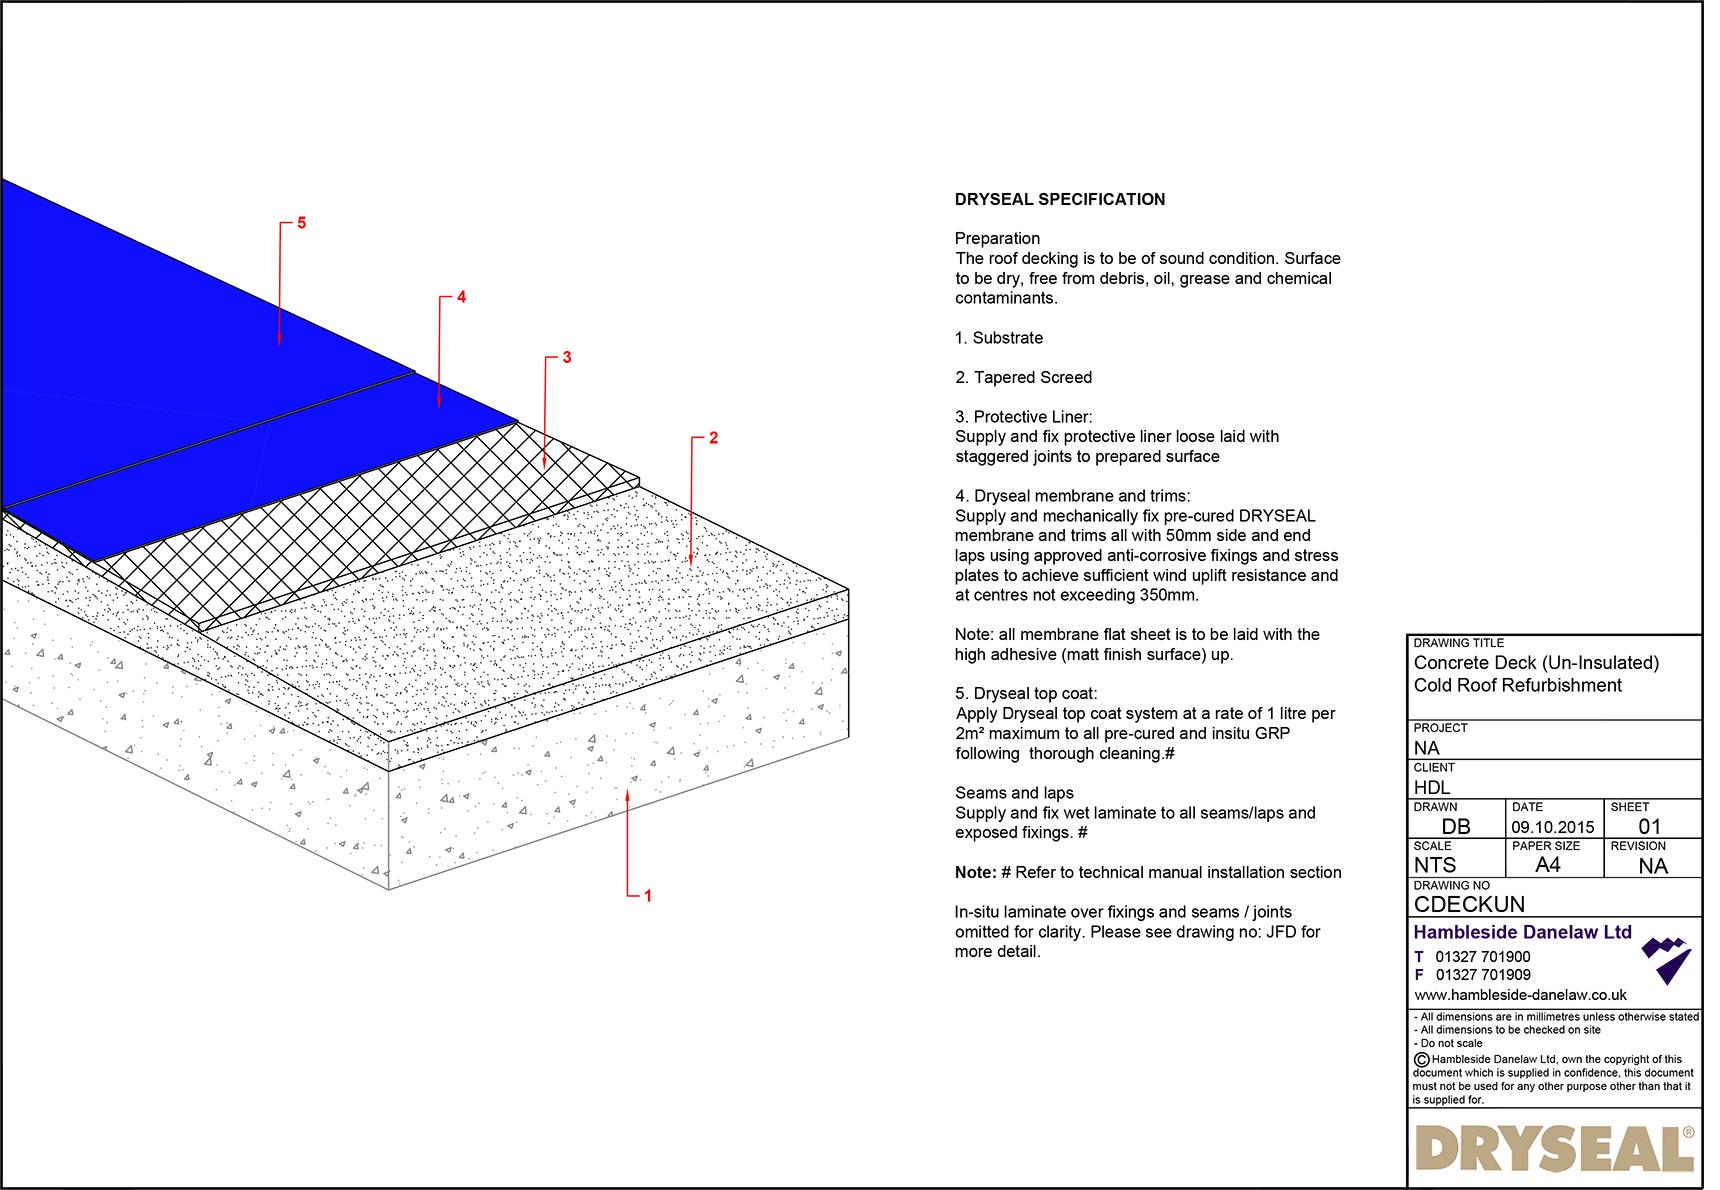 Concrete Deck Cold Roof Hambleside Danelaw